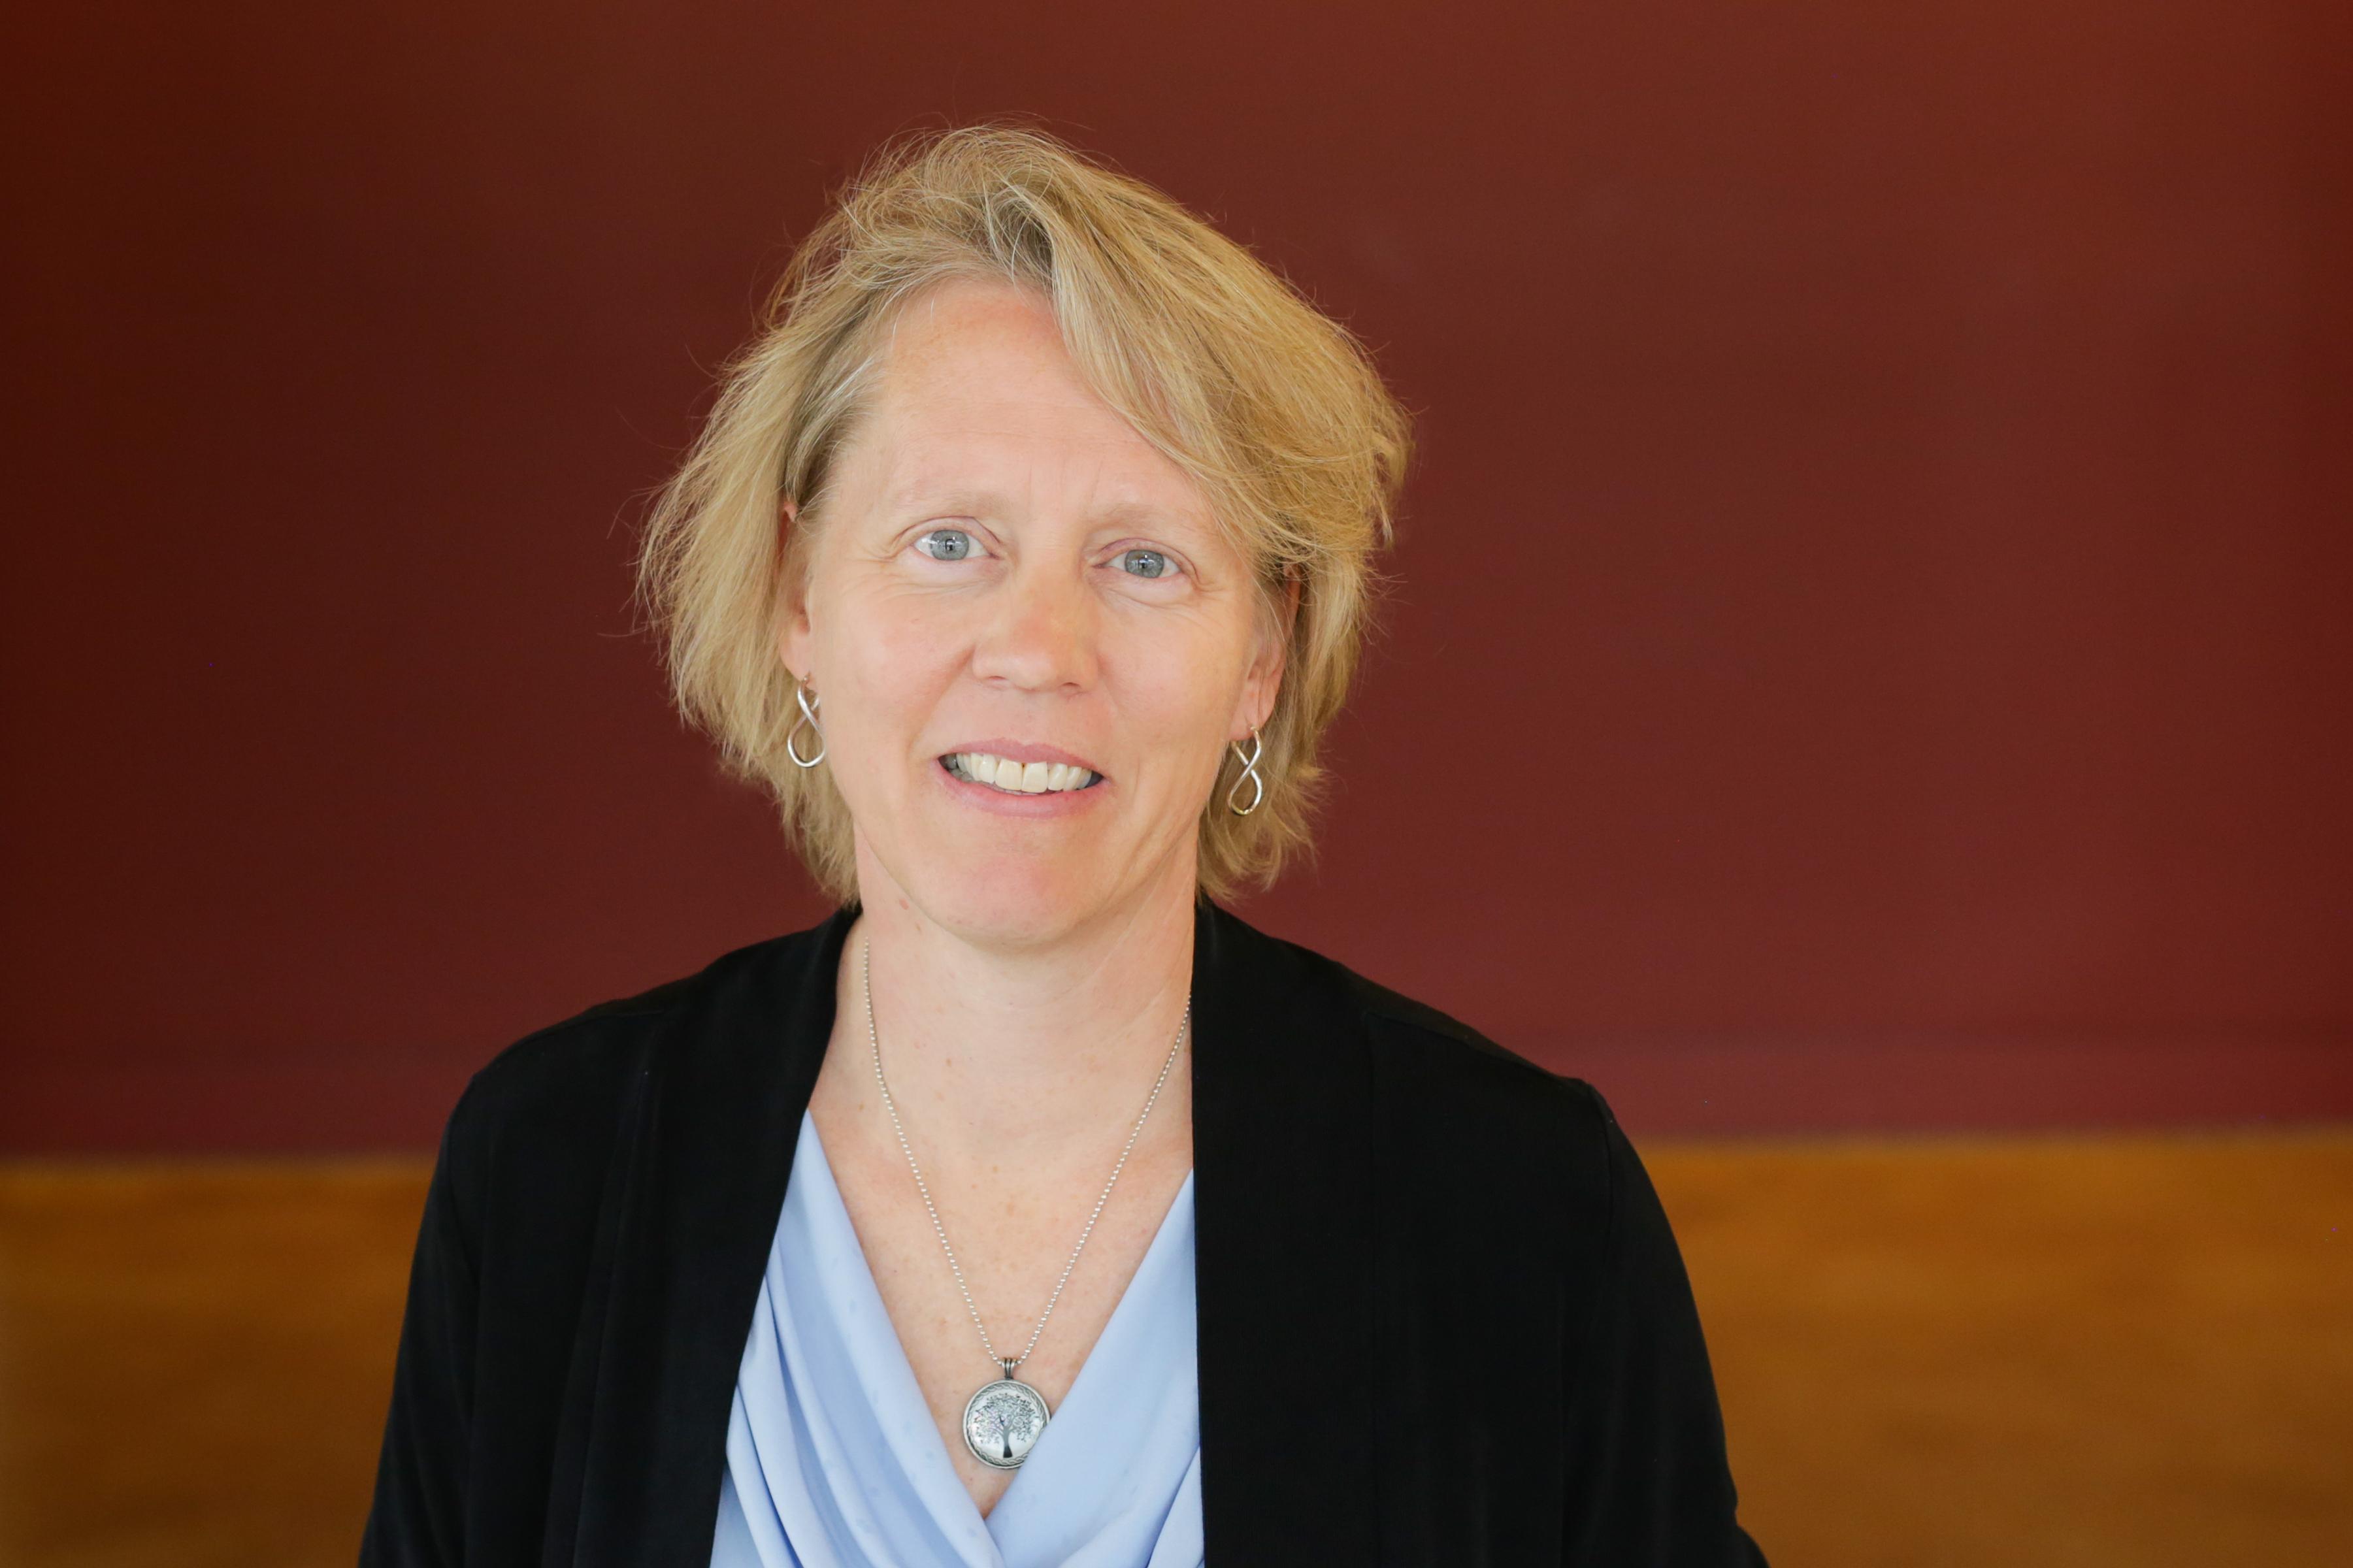 Colorado School of Mines professor Tracy Camp